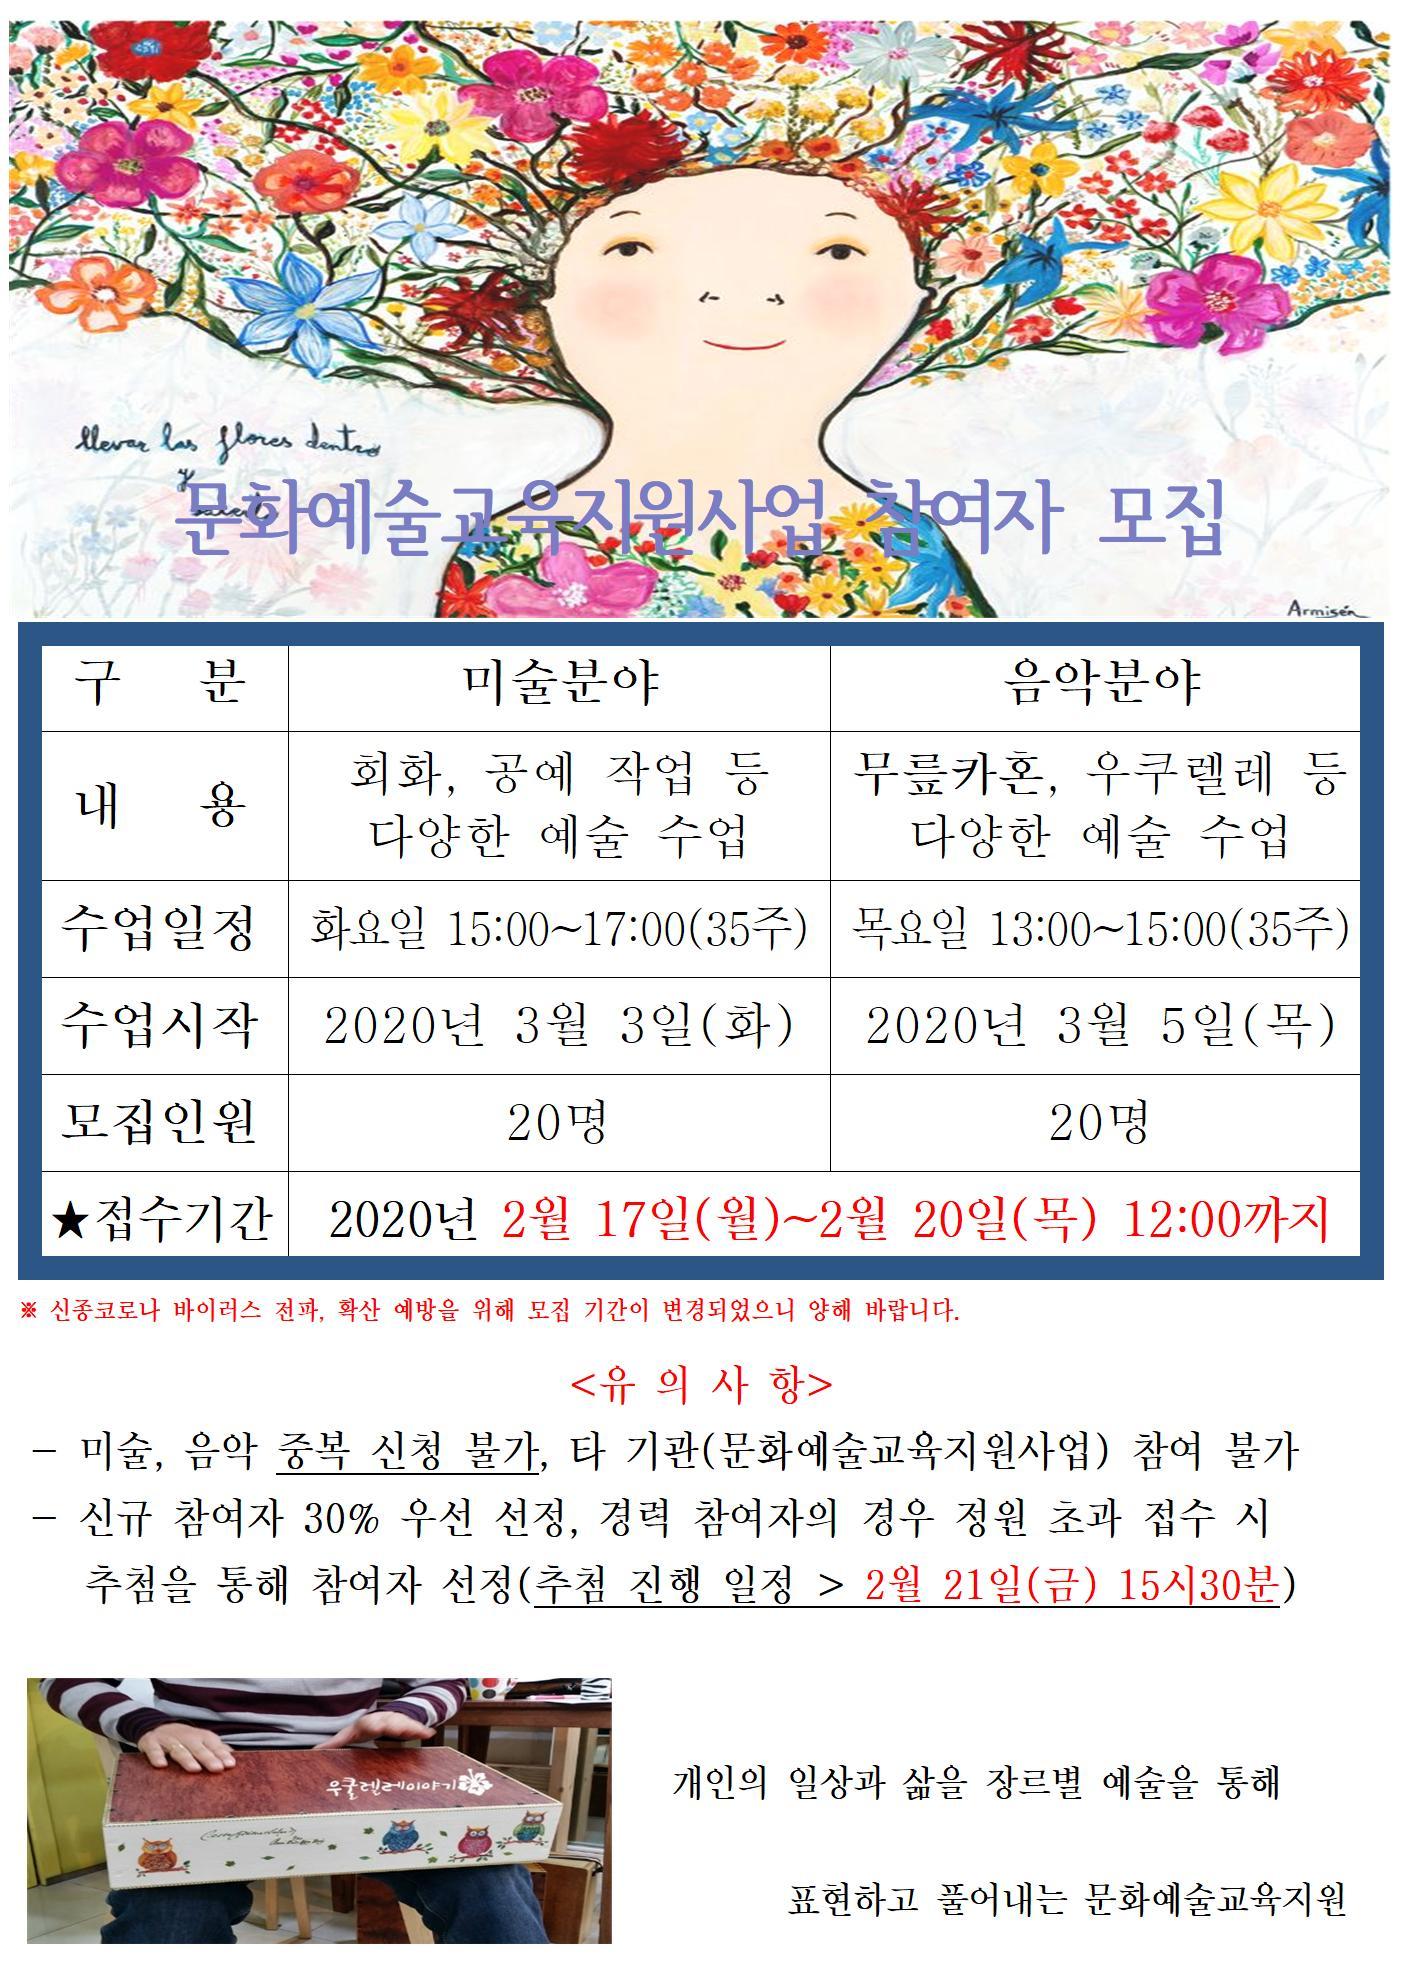 KakaoTalk_20200206_16120139511.jpg